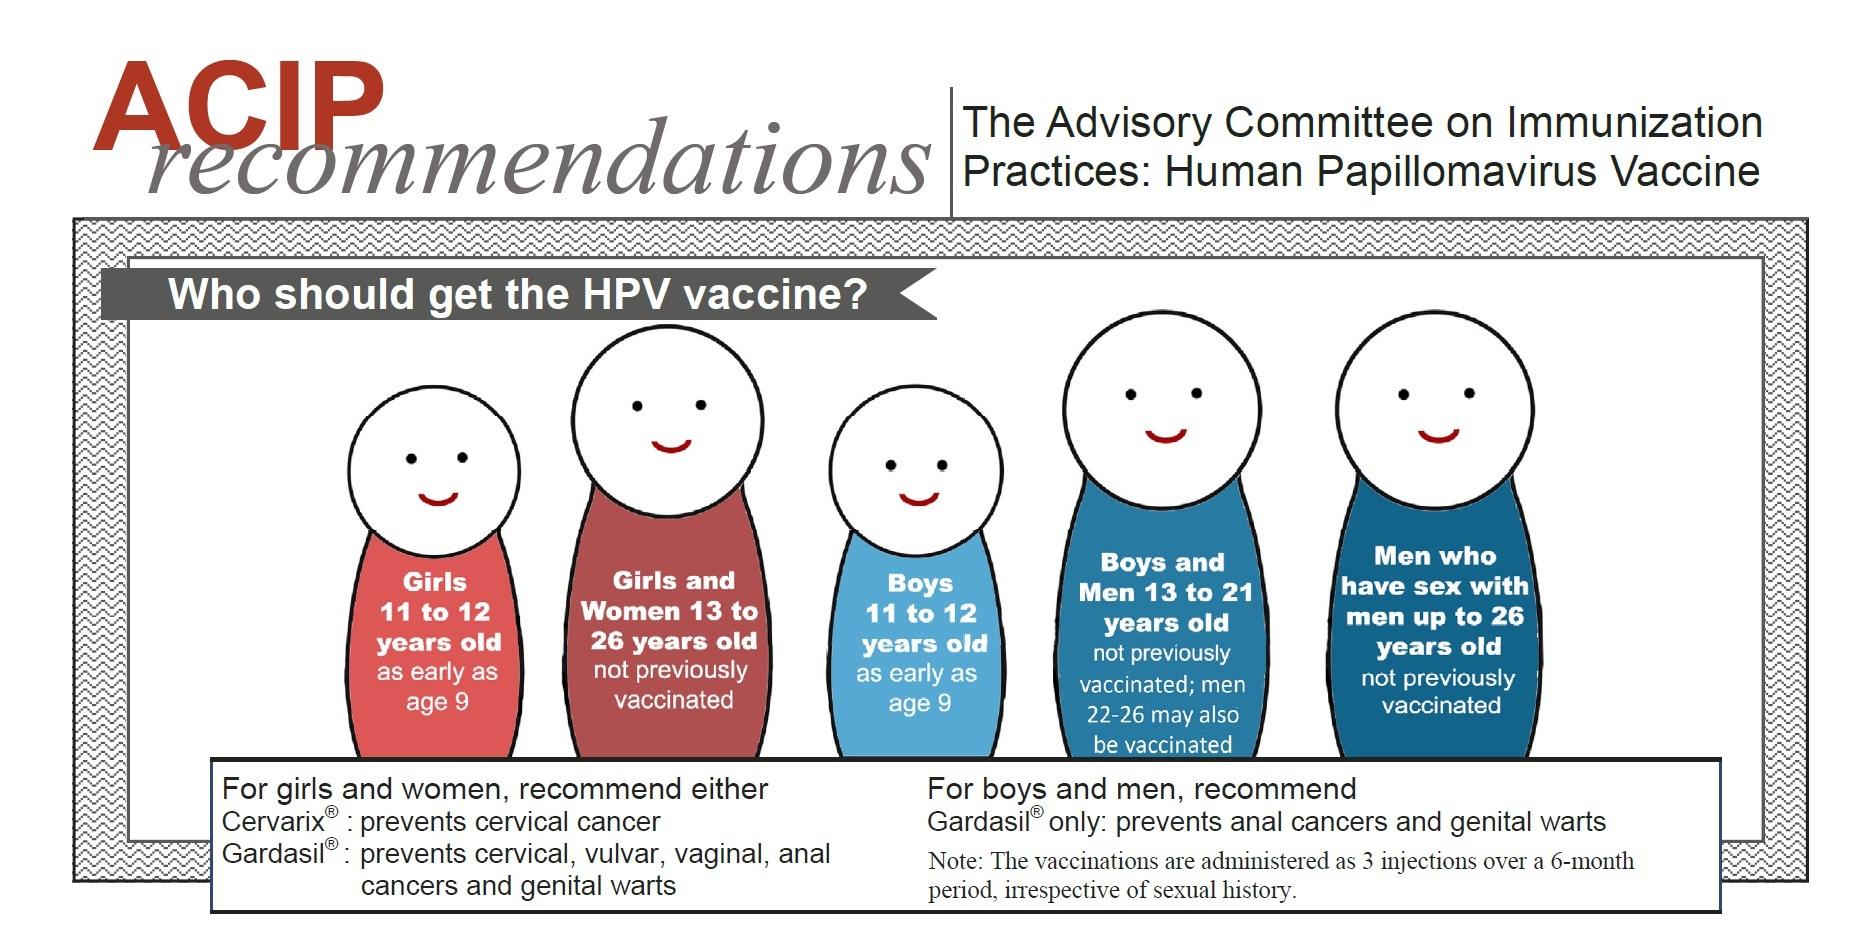 human papillomavirus vaccine over 26